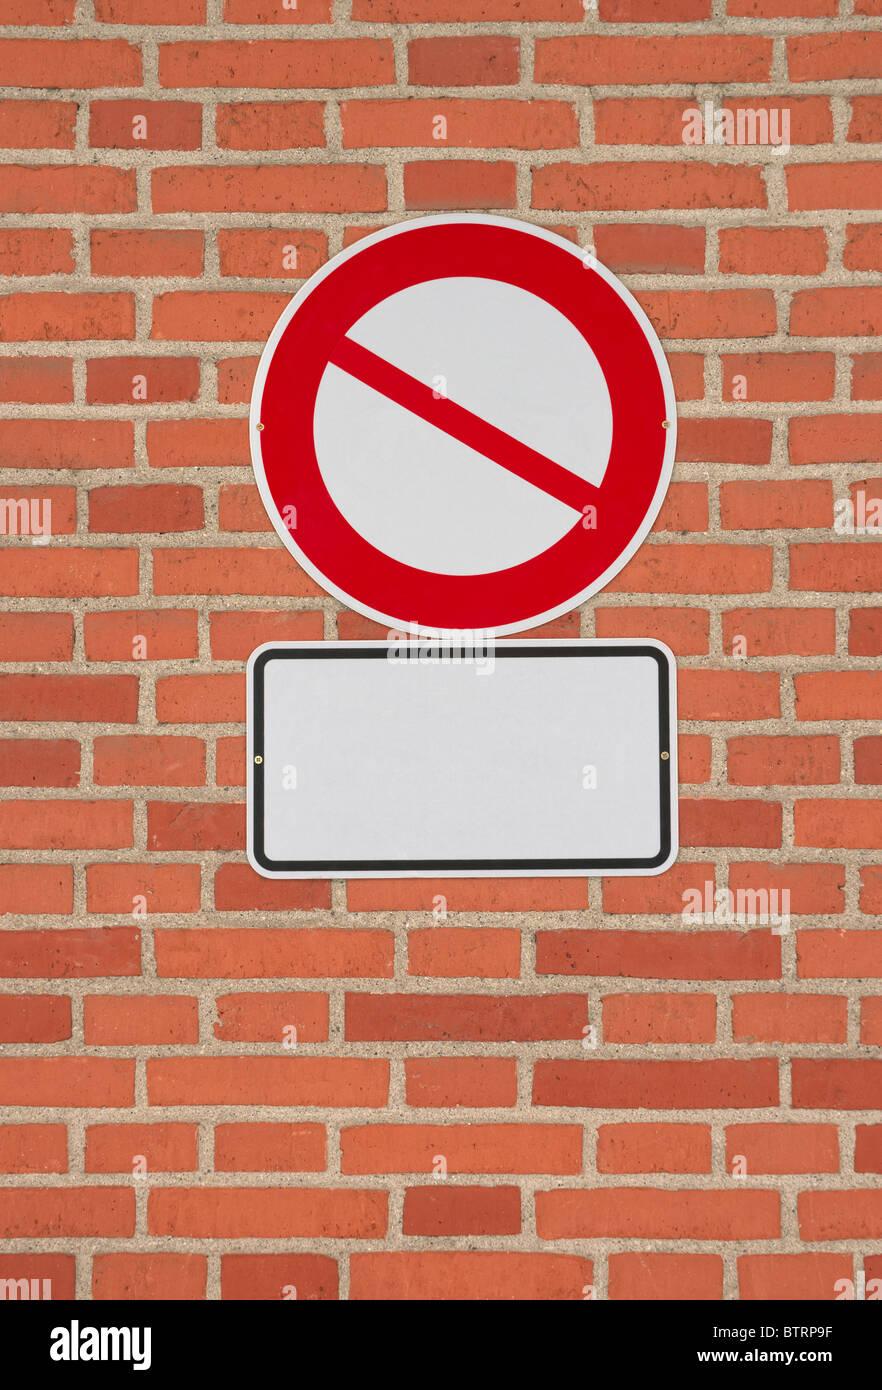 Segnale di divieto con lettera vuota della piastra sulla parete di mattoni. Modello per mettere qualsiasi icona Immagini Stock